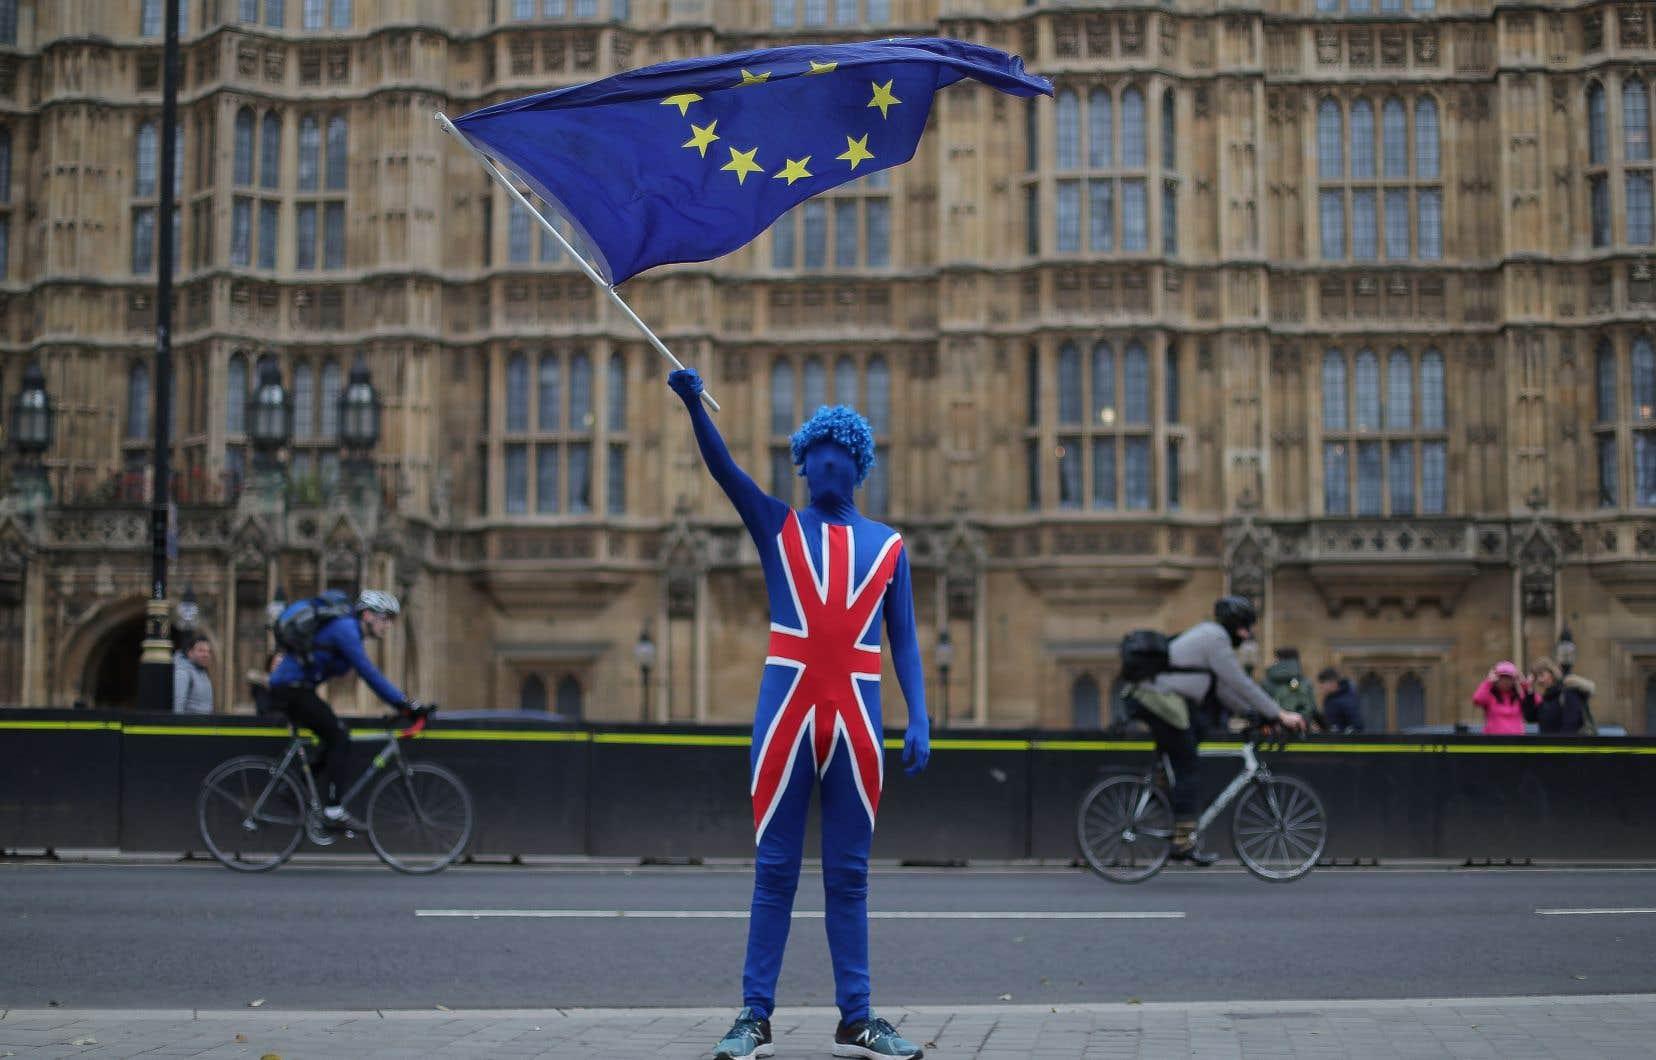 En avril, neuf organisations pro-UE ont lancé une campagne commune pour promouvoir une nouvelle consultation qui, concrètement, proposerait soit d'accepter les orientations de Theresa May, soit de rester dans l'UE.